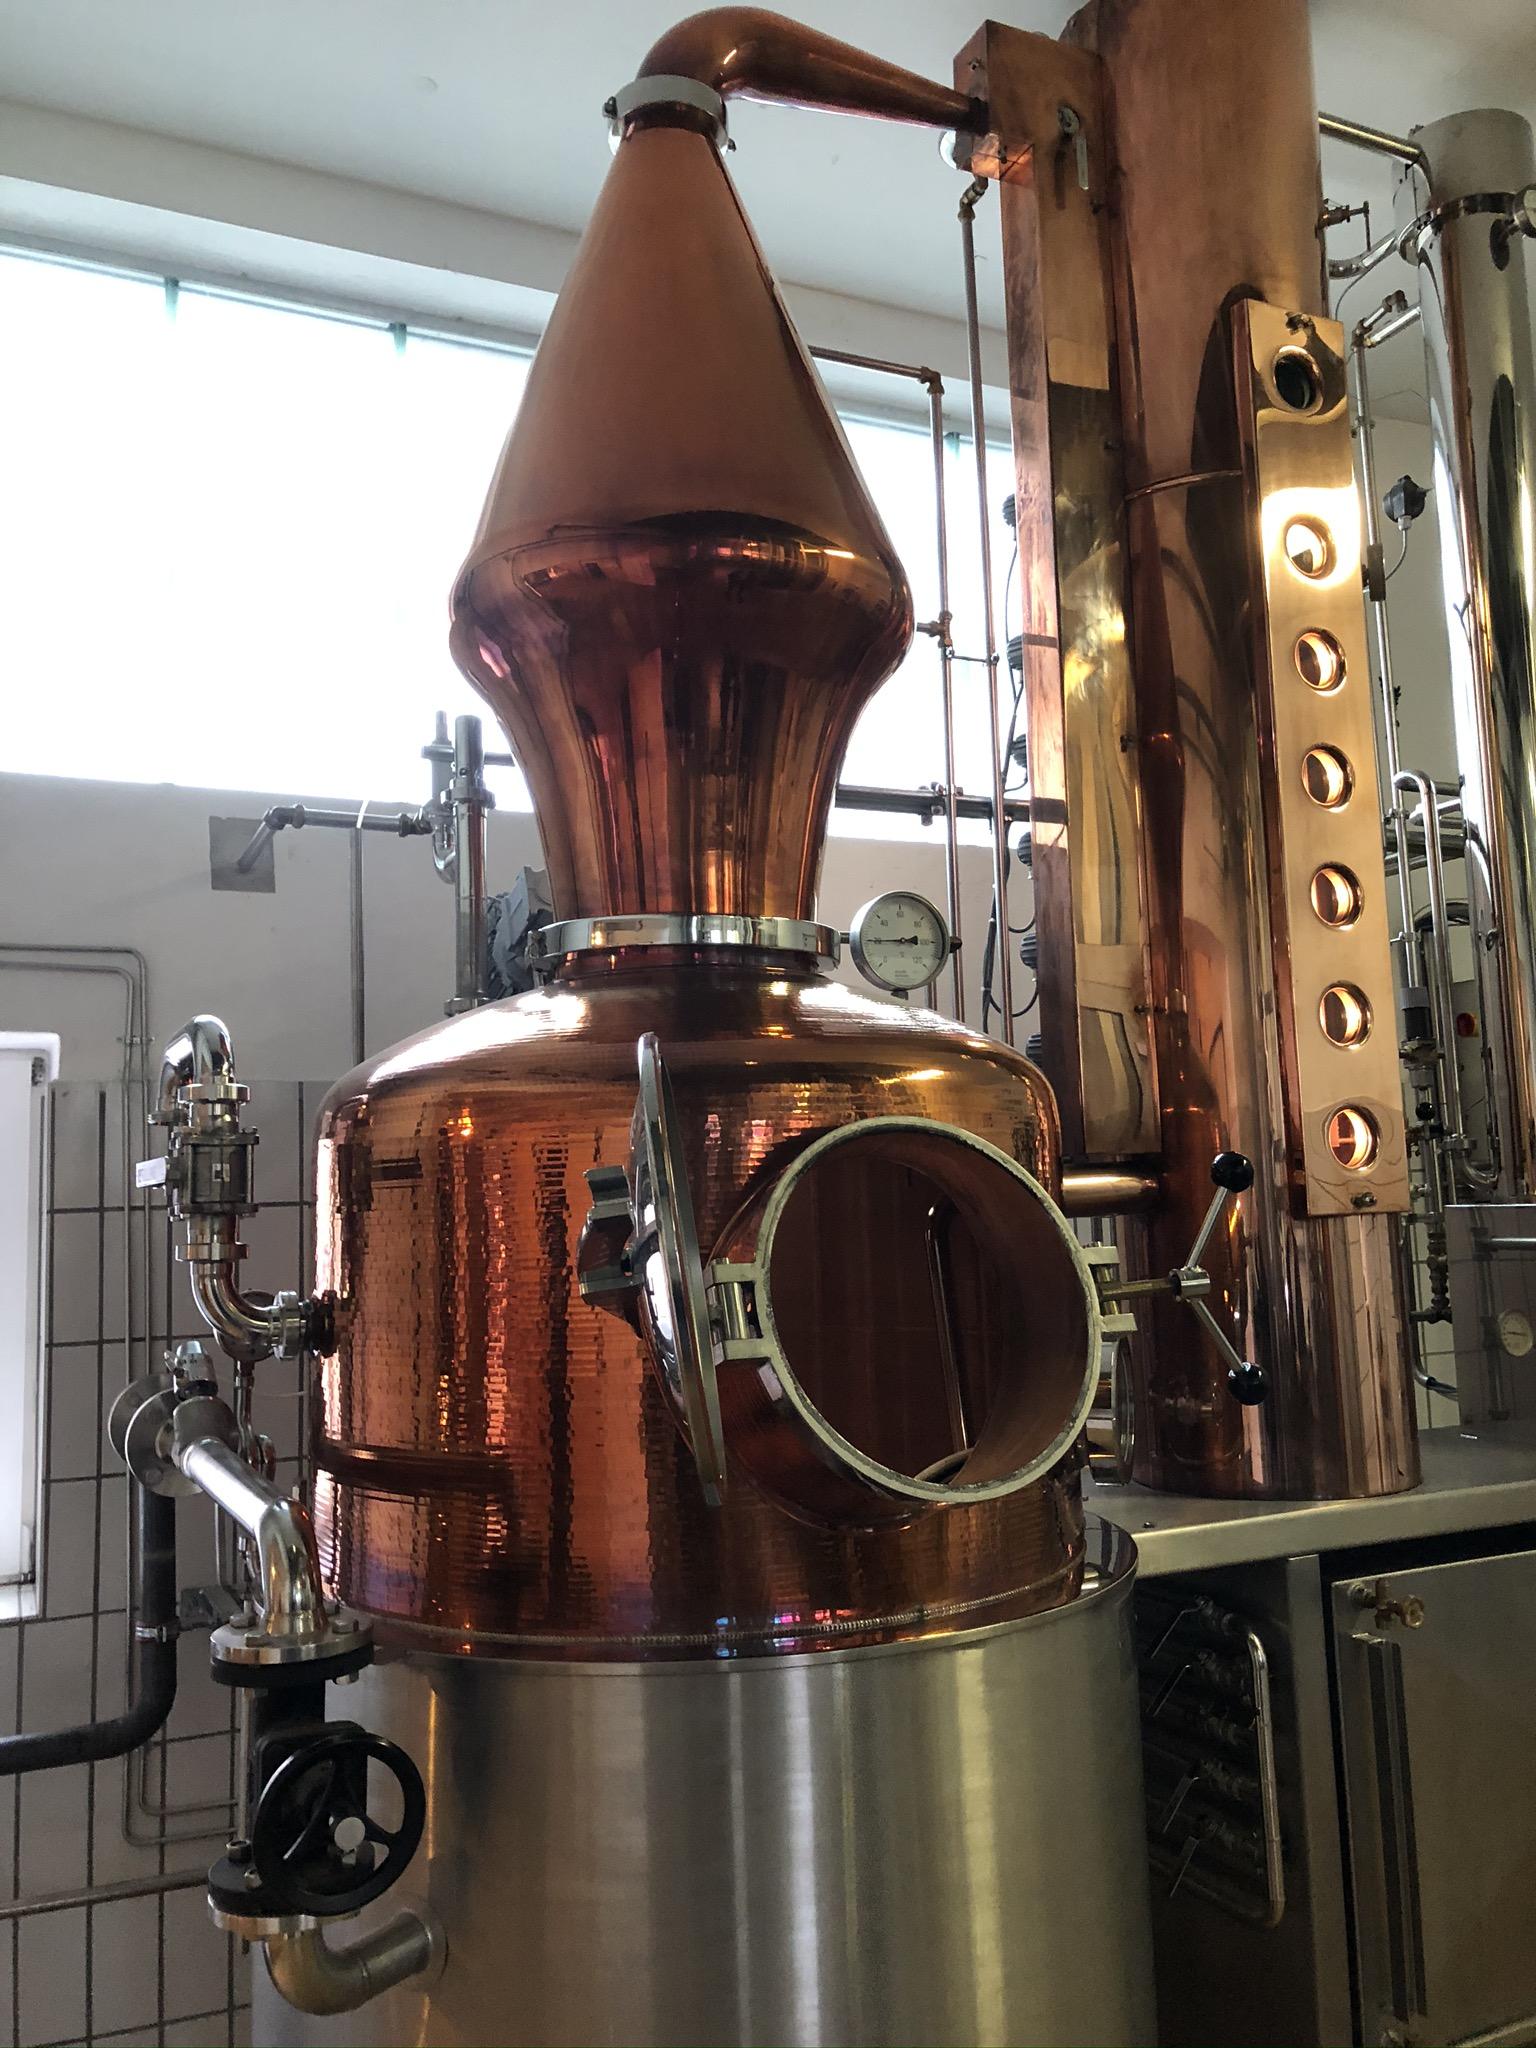 Destille in der Brennerei Ehringhausen in Werne